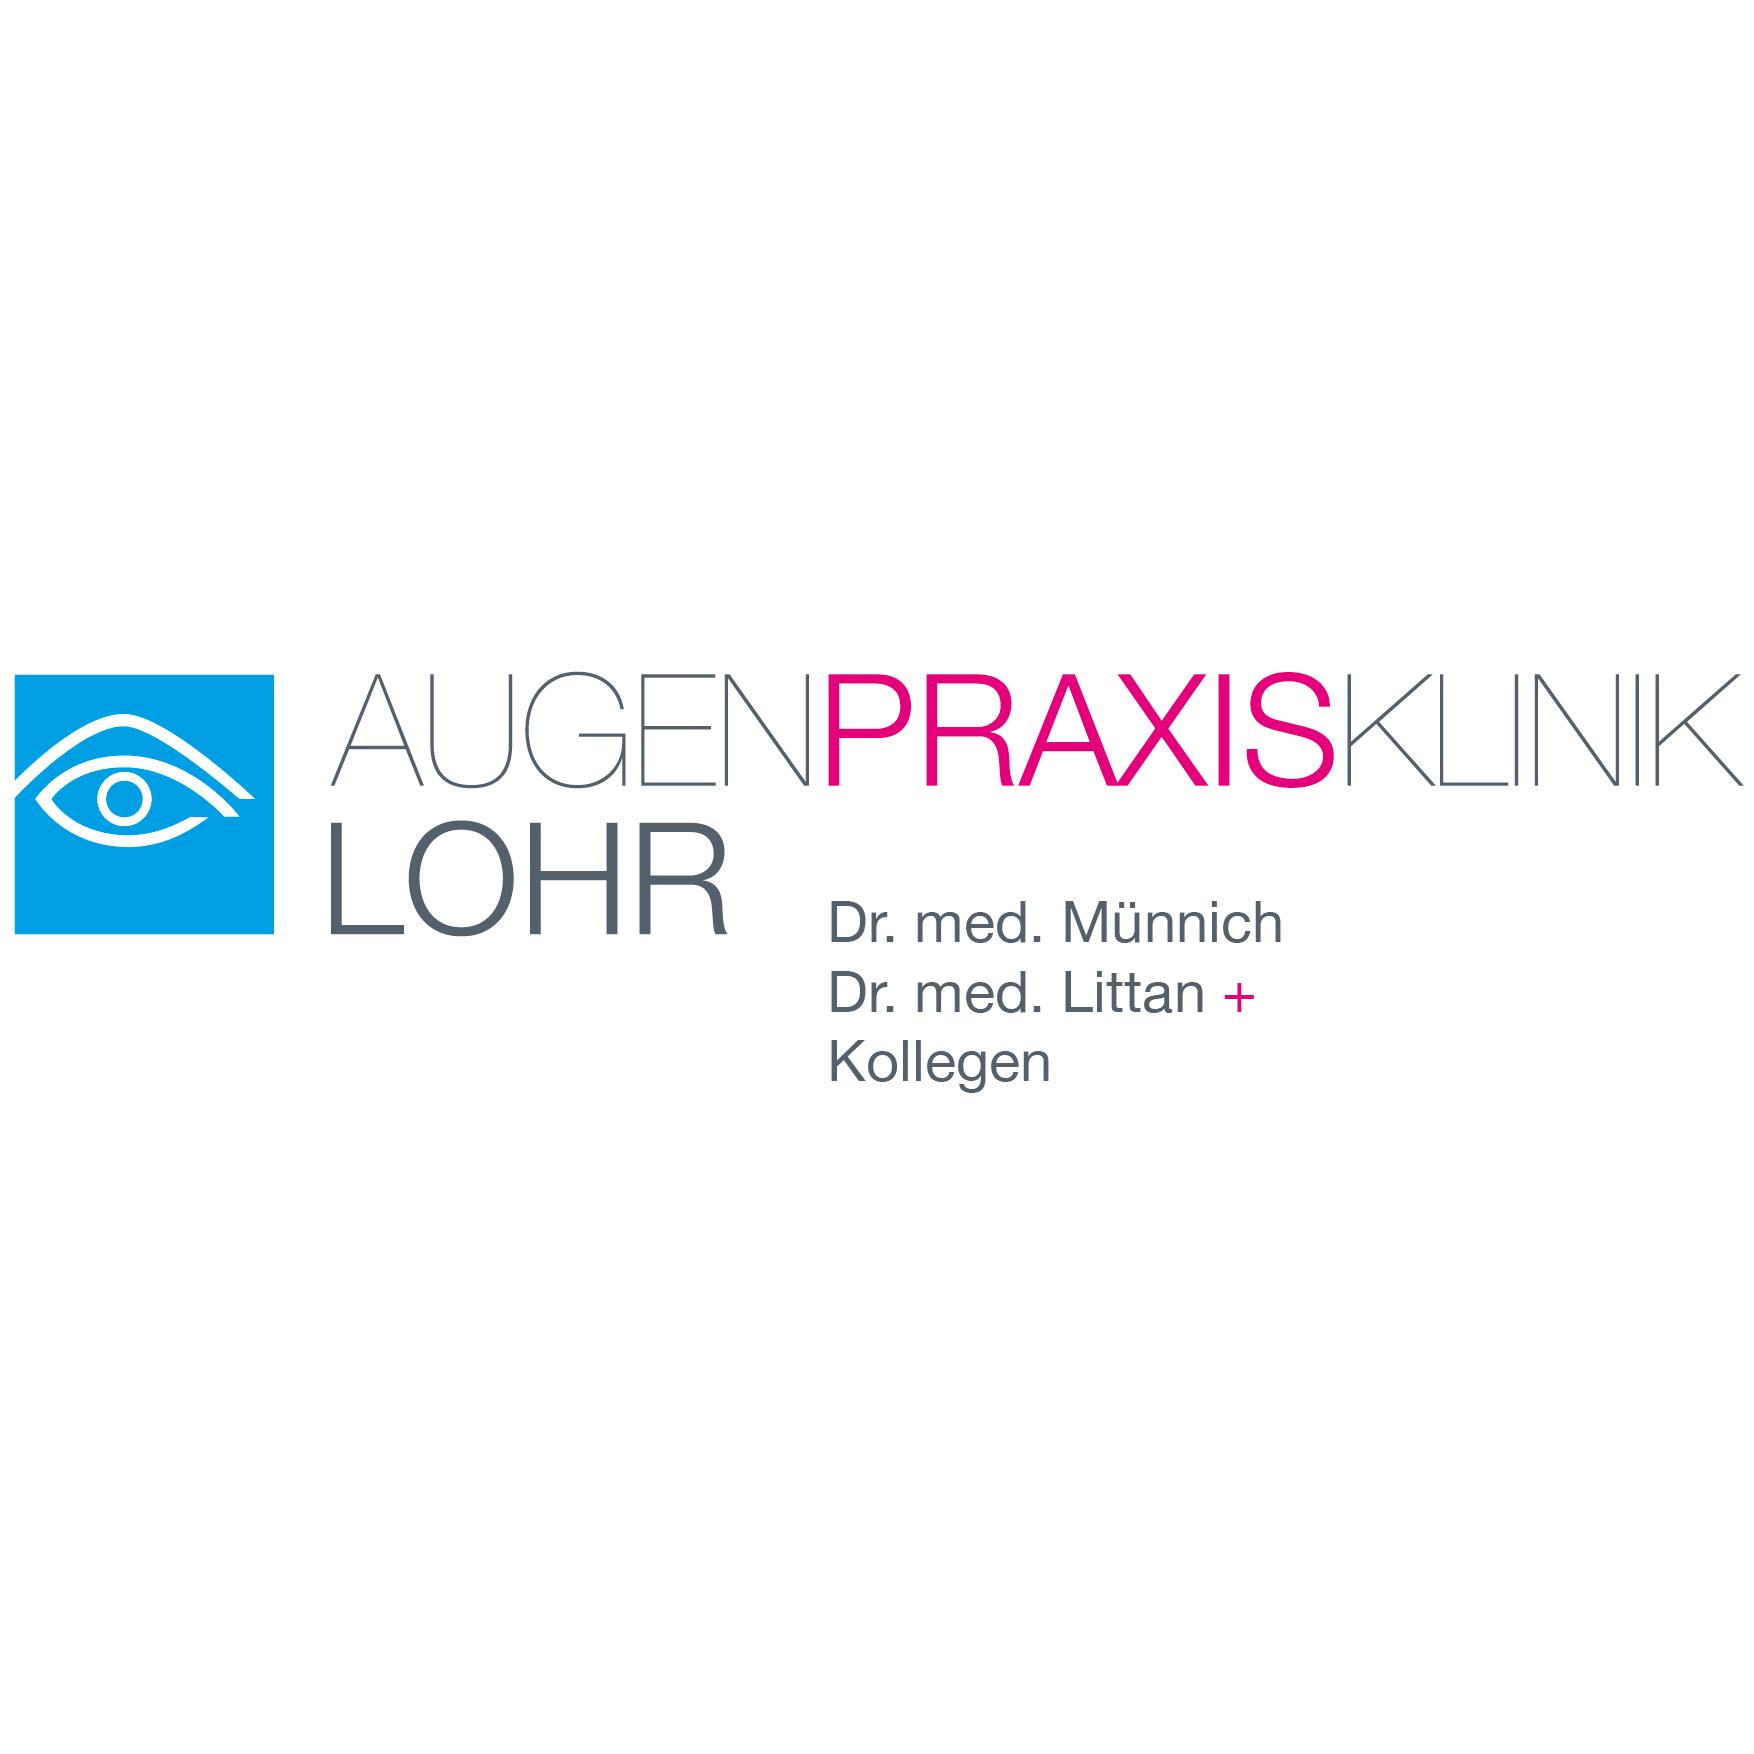 Logo von Augenpraxisklinik Lohr Dres. Münnich, Littan und Kollegen